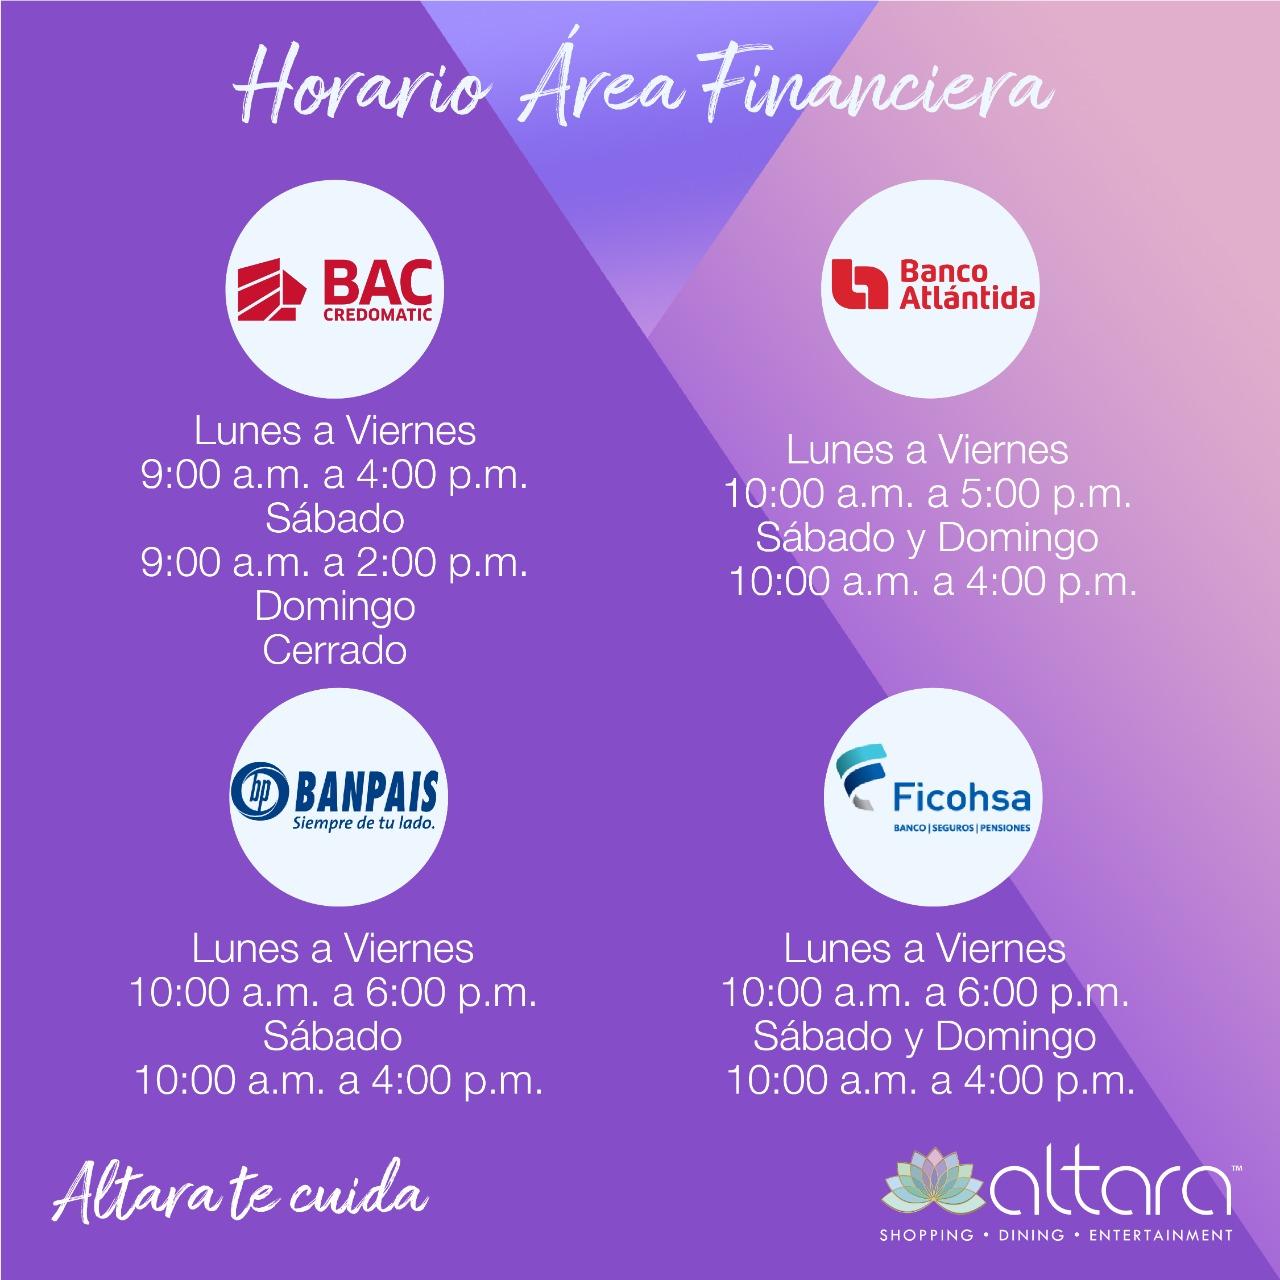 Horario Financiero